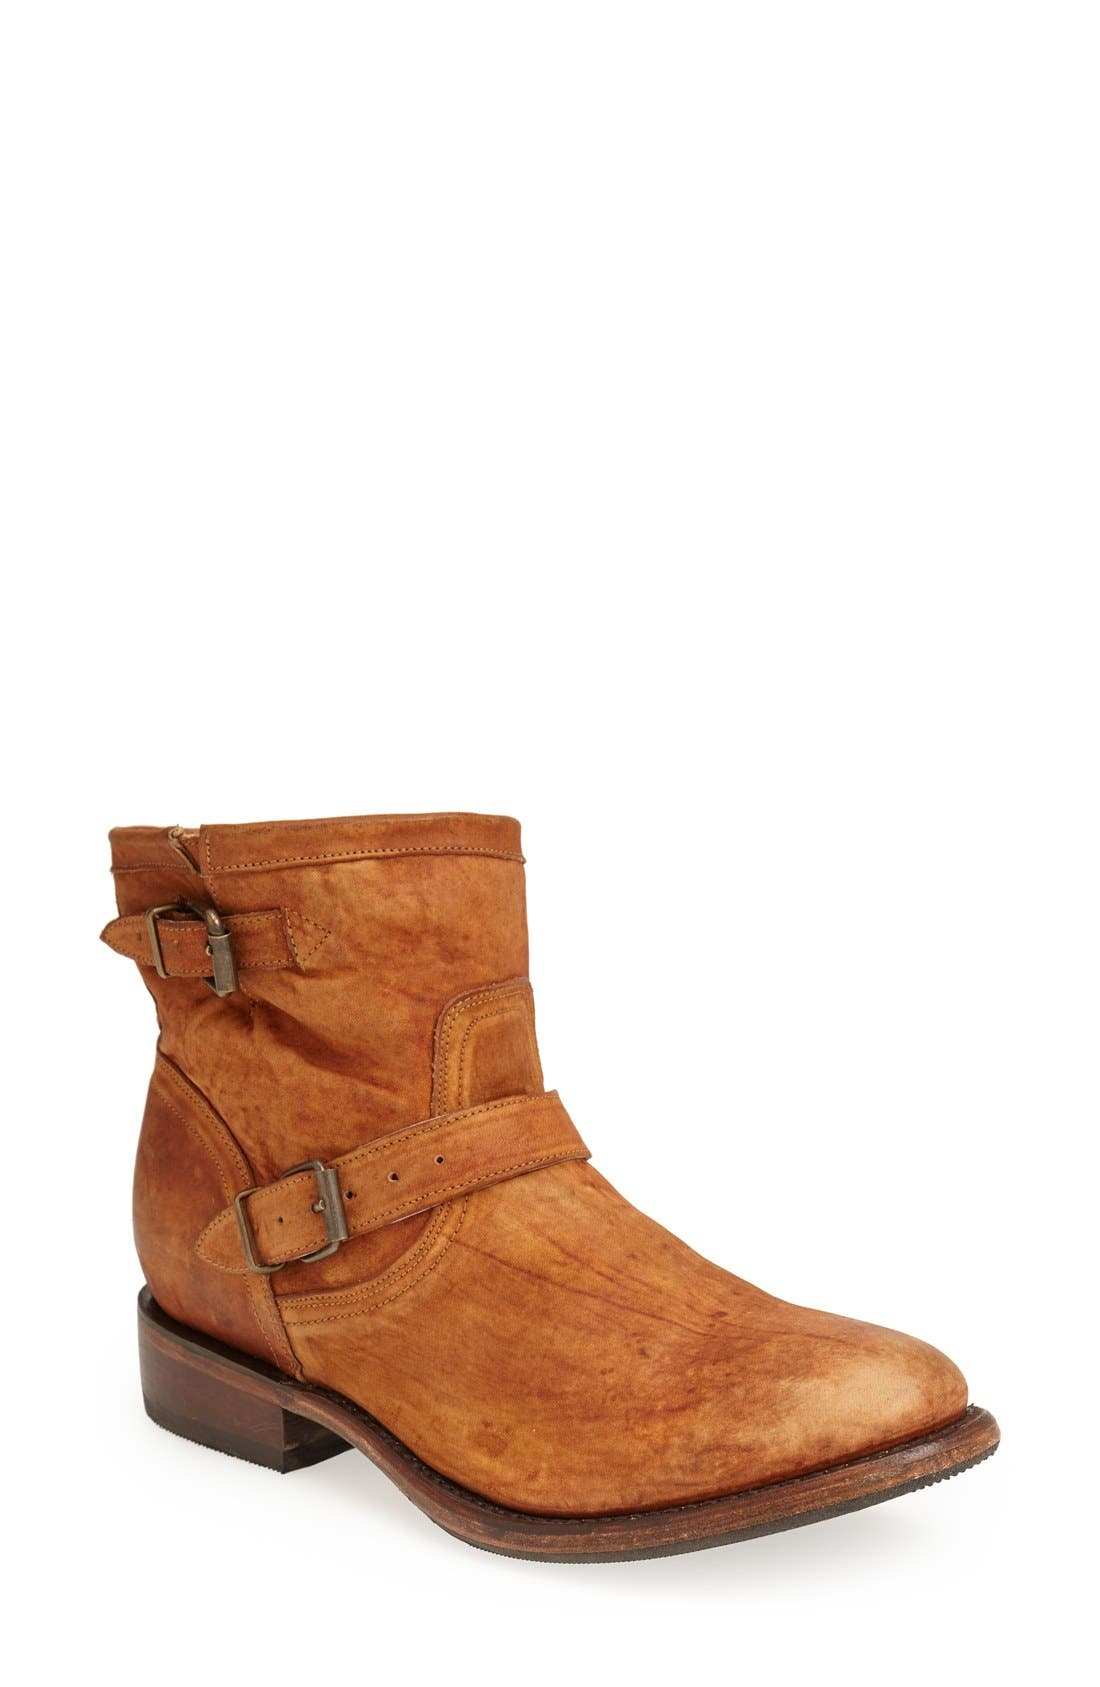 Alternate Image 1 Selected - Matisse 'Jax' Boot (Women)